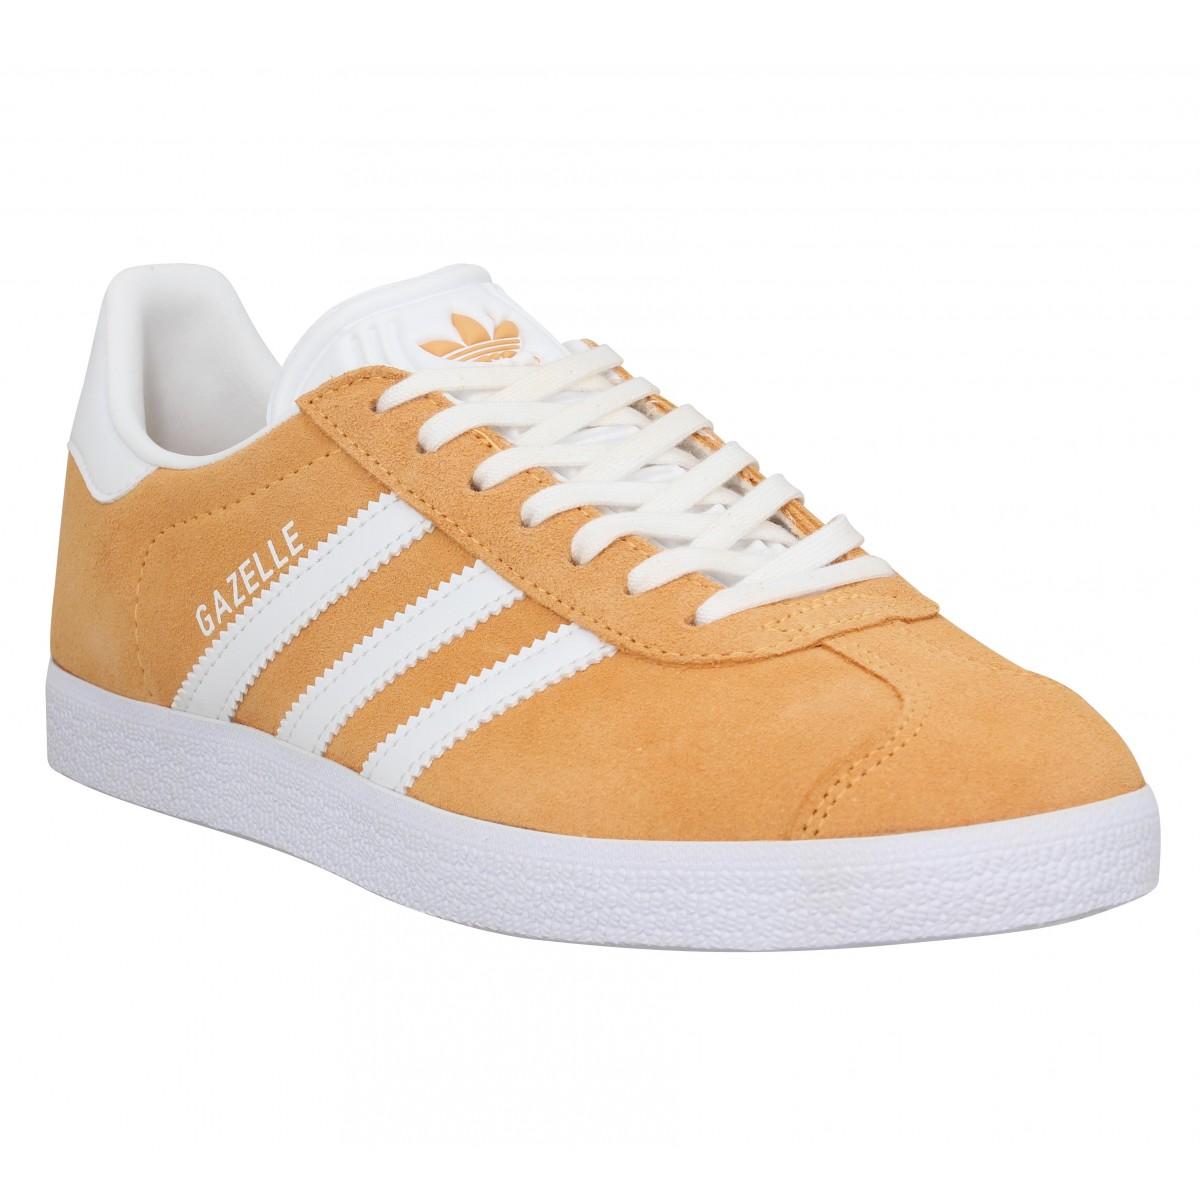 Adidas Femme Gazelle Velours -36-orange...